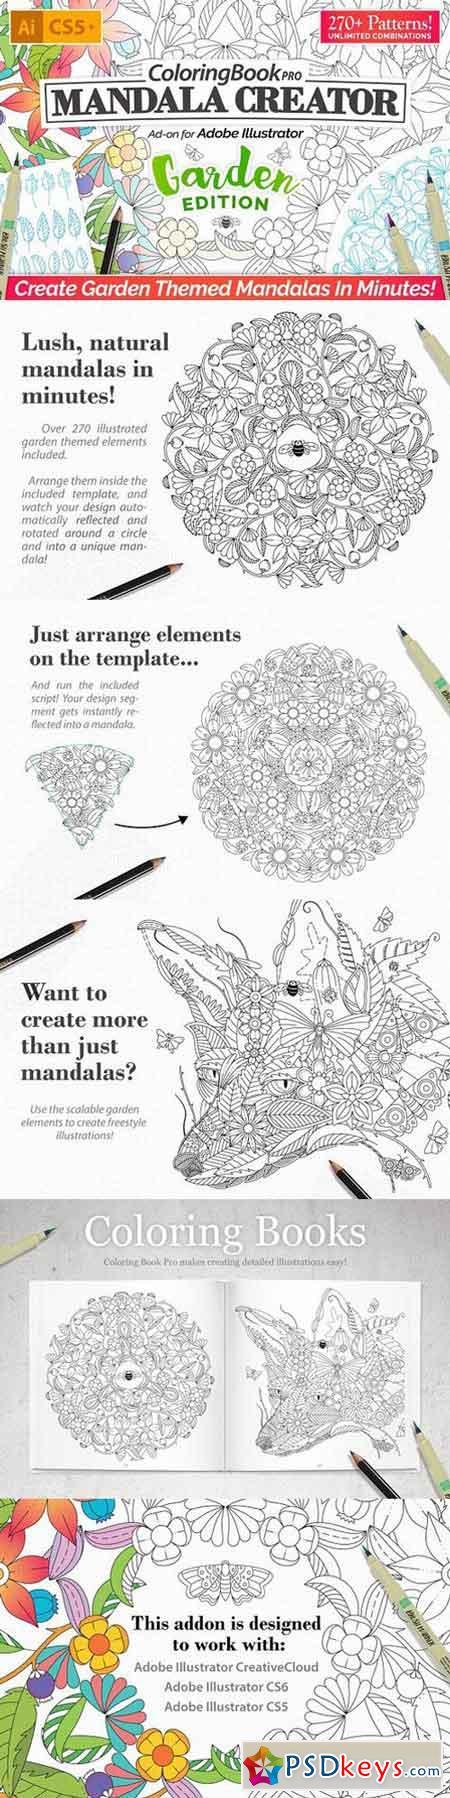 Co coloring book template - Co Coloring Book Zippy Coloring Book Pro Garden Edition 1214108